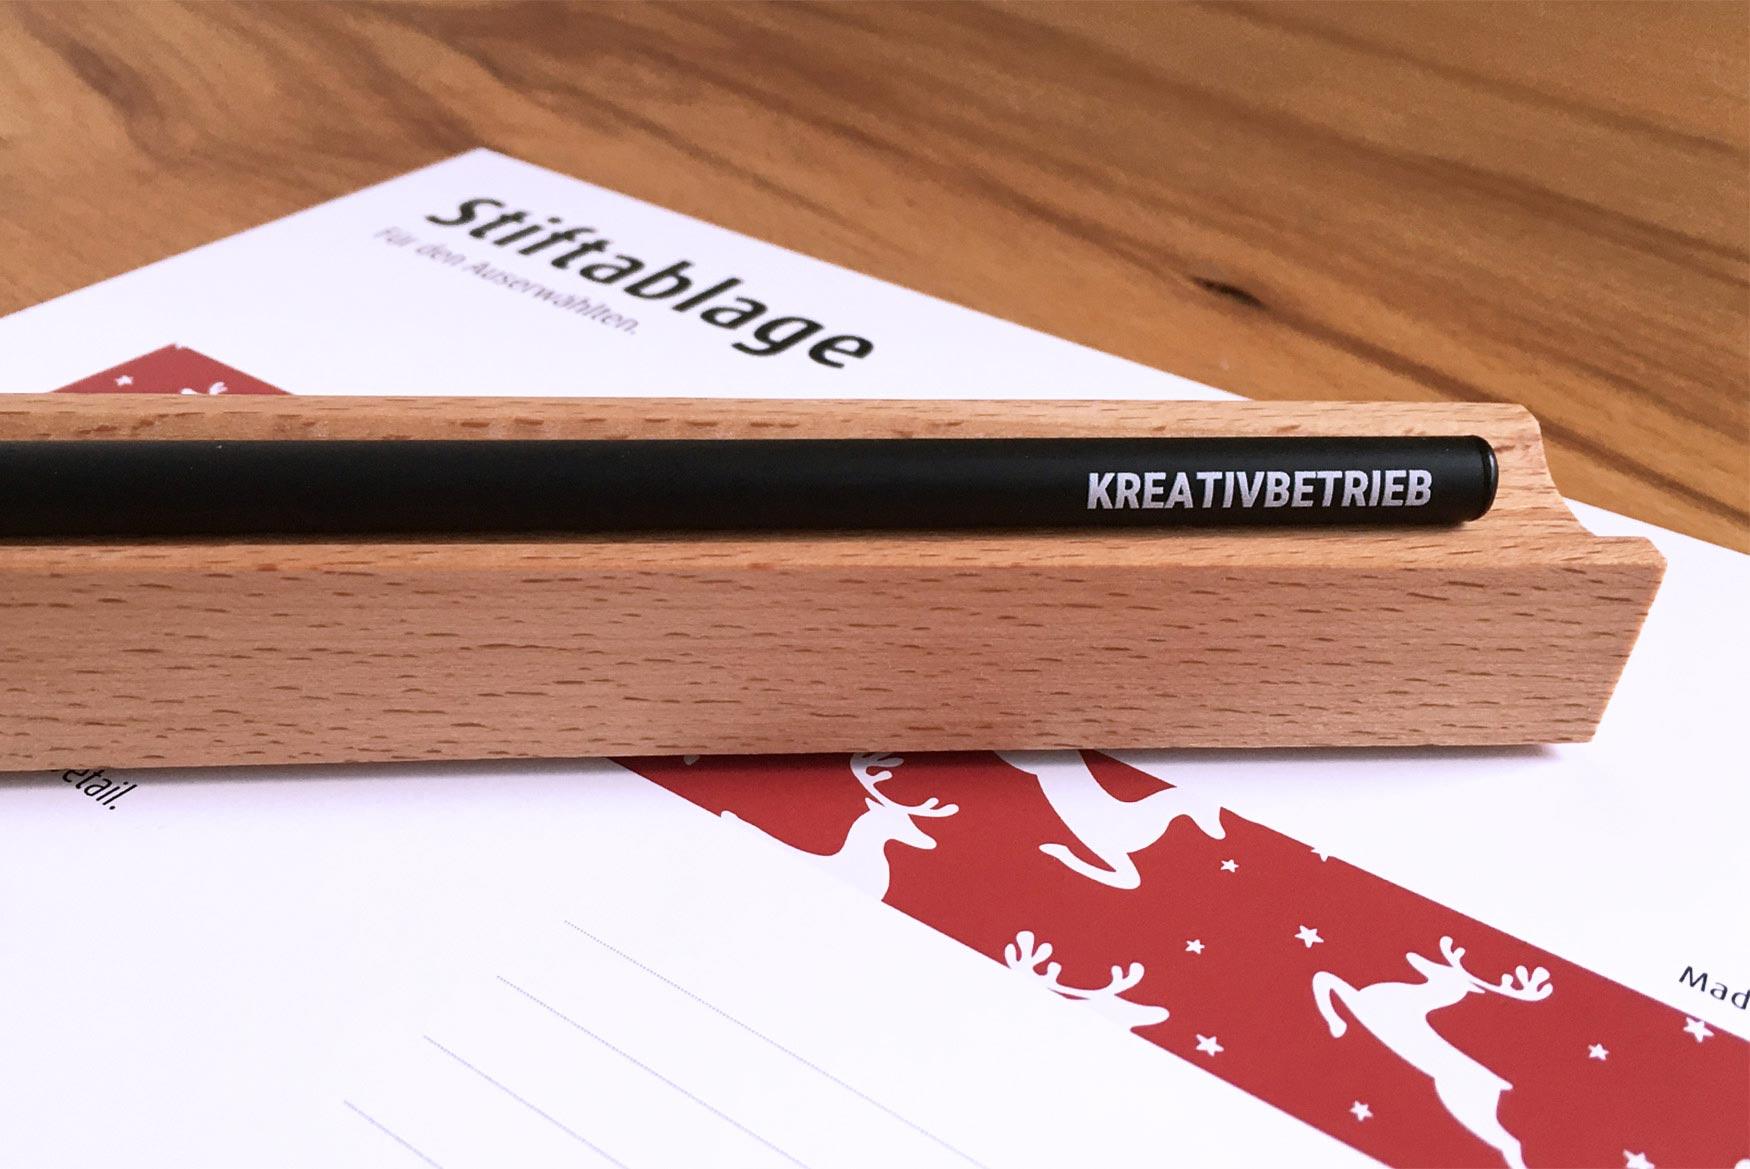 Design-Agentur-Stuttgart-Kreativbetrieb-Weihnachten-2019-2